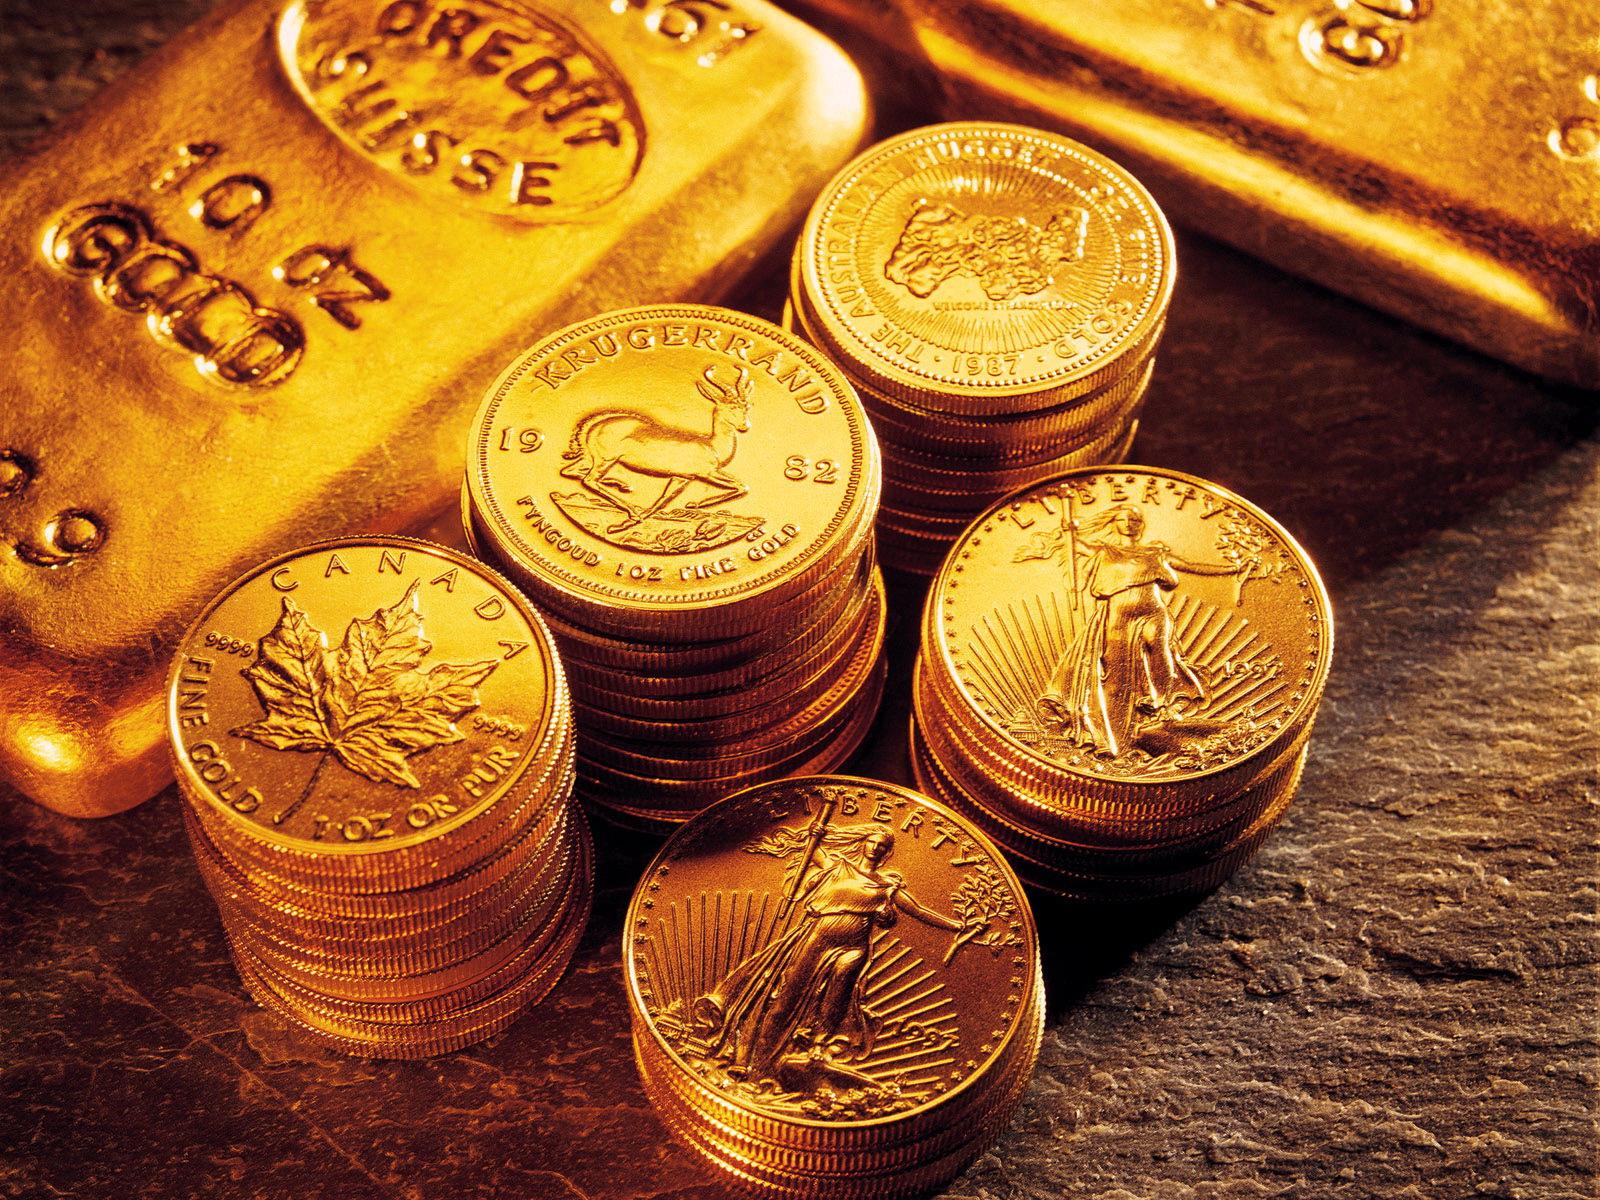 Giá vàng hôm nay 11/8: Quay đầu giảm trở lại